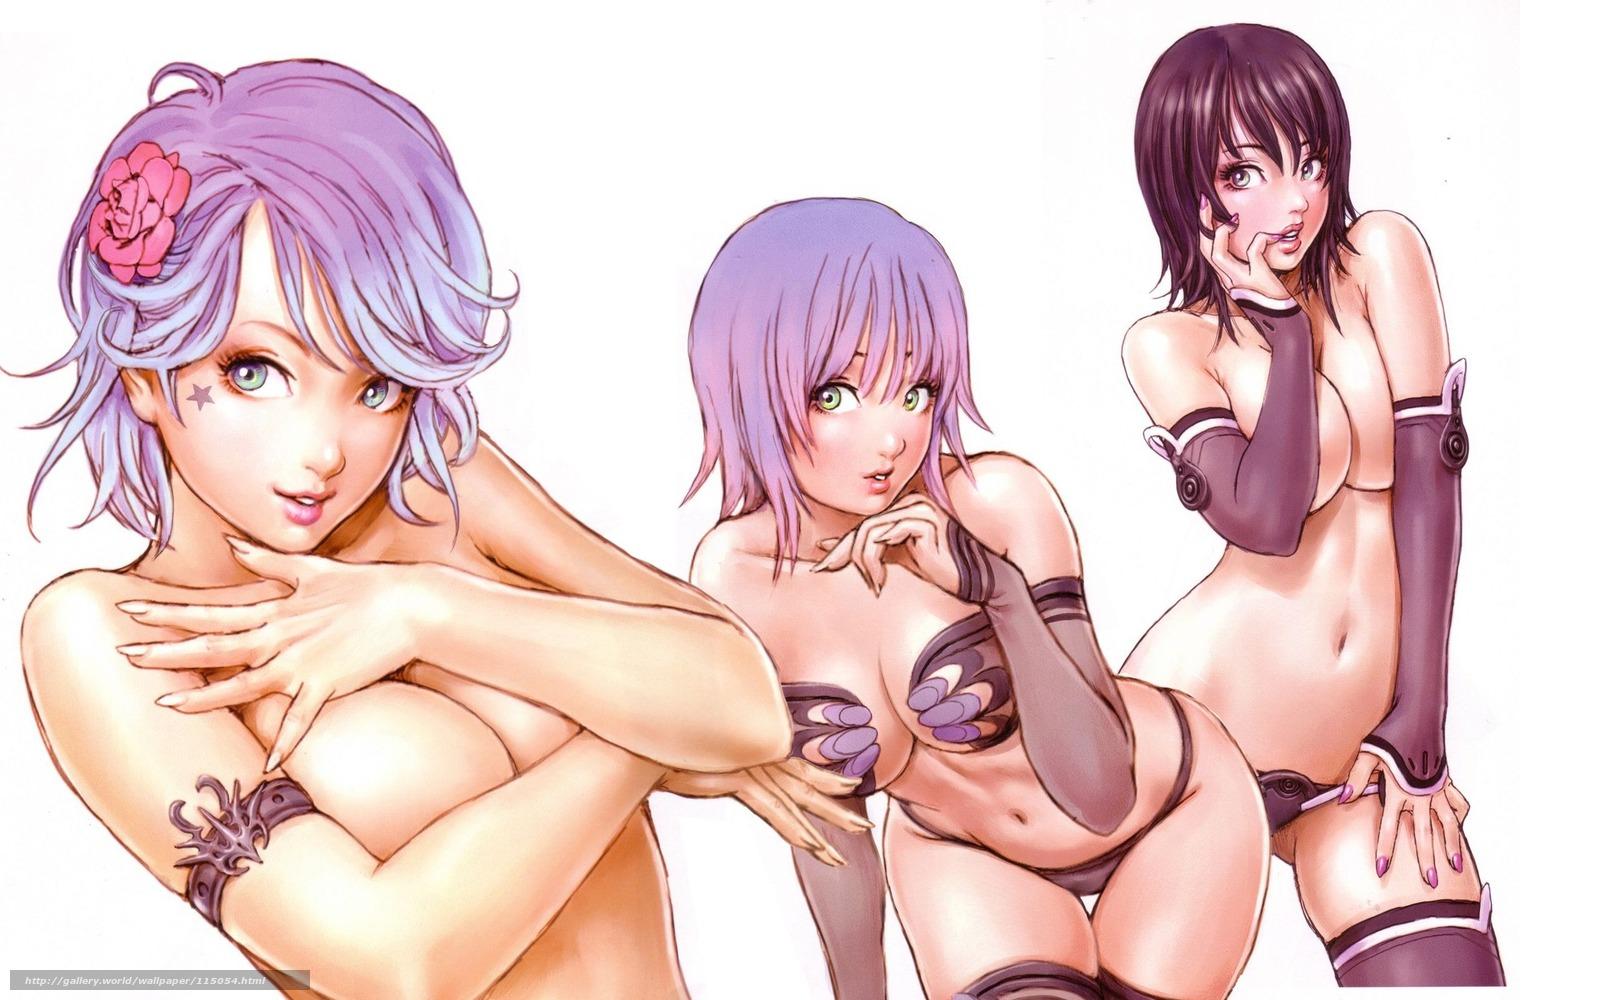 Сиськи аниме девушек картинки 14 фотография